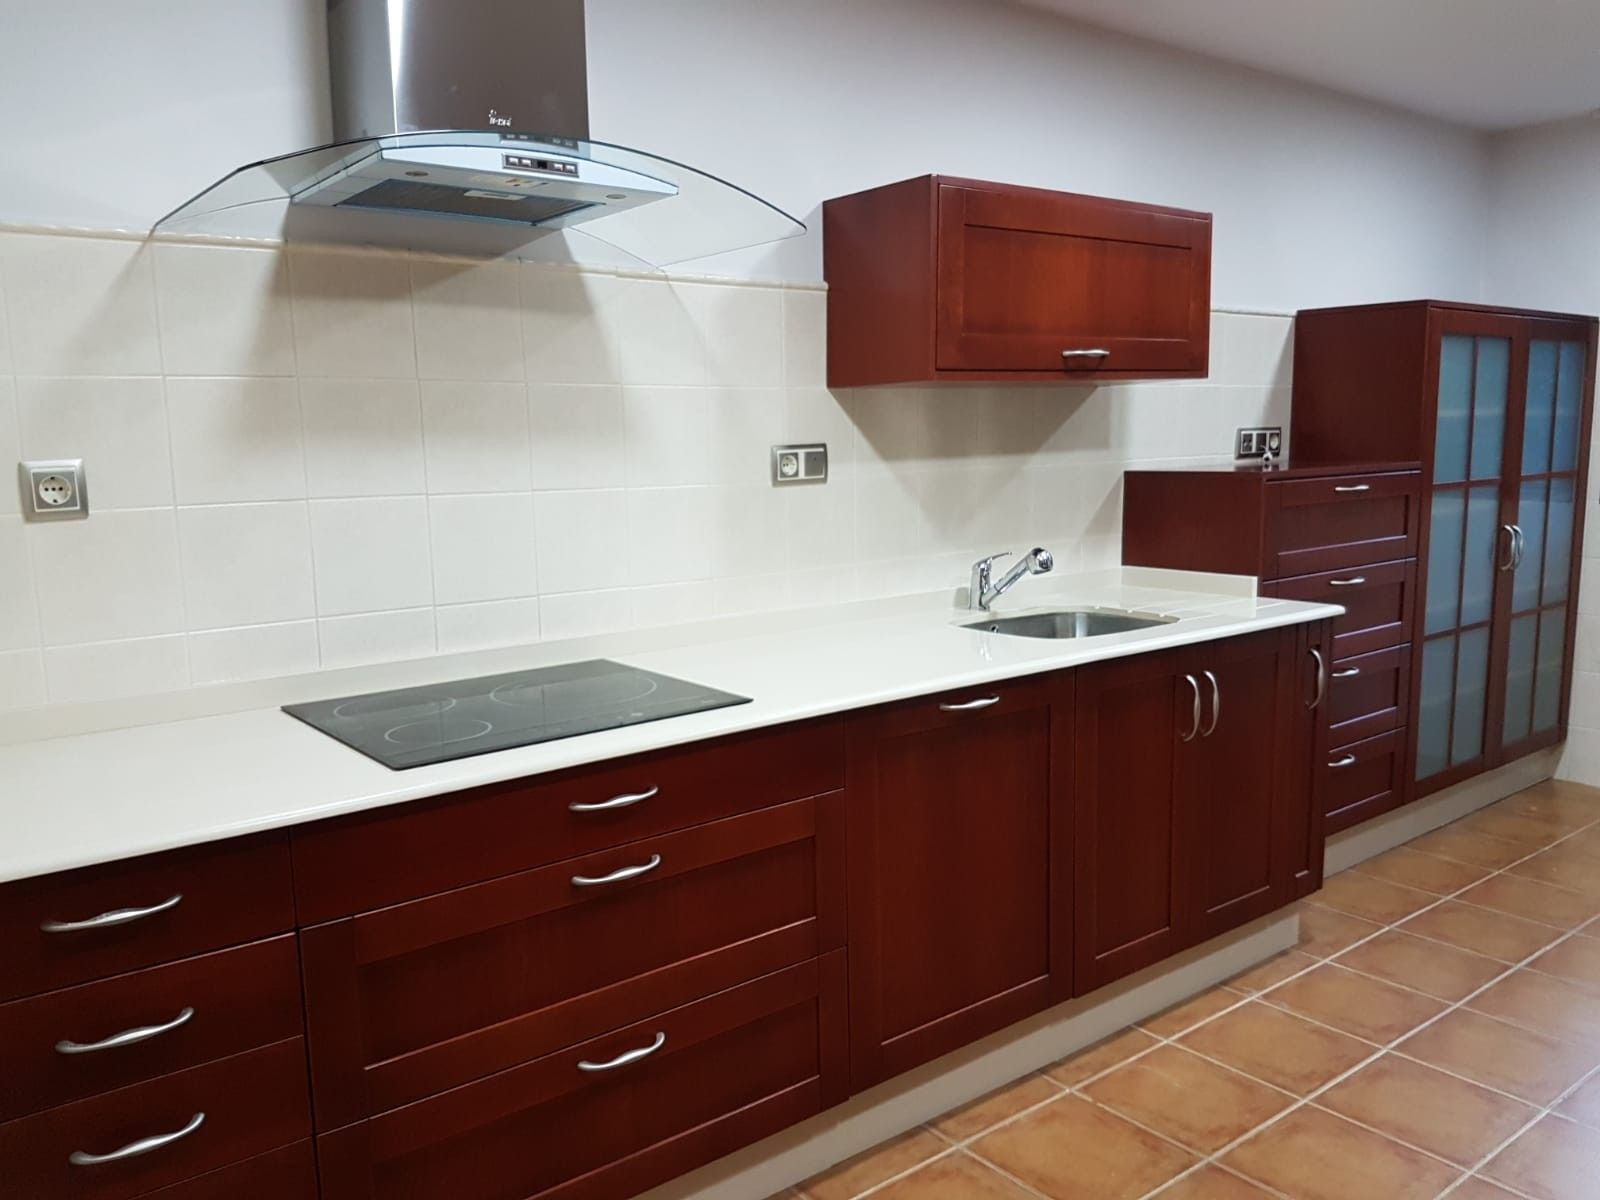 Foto 3 de Muebles de cocina en Media Legua | Muebles de Cocina Luis